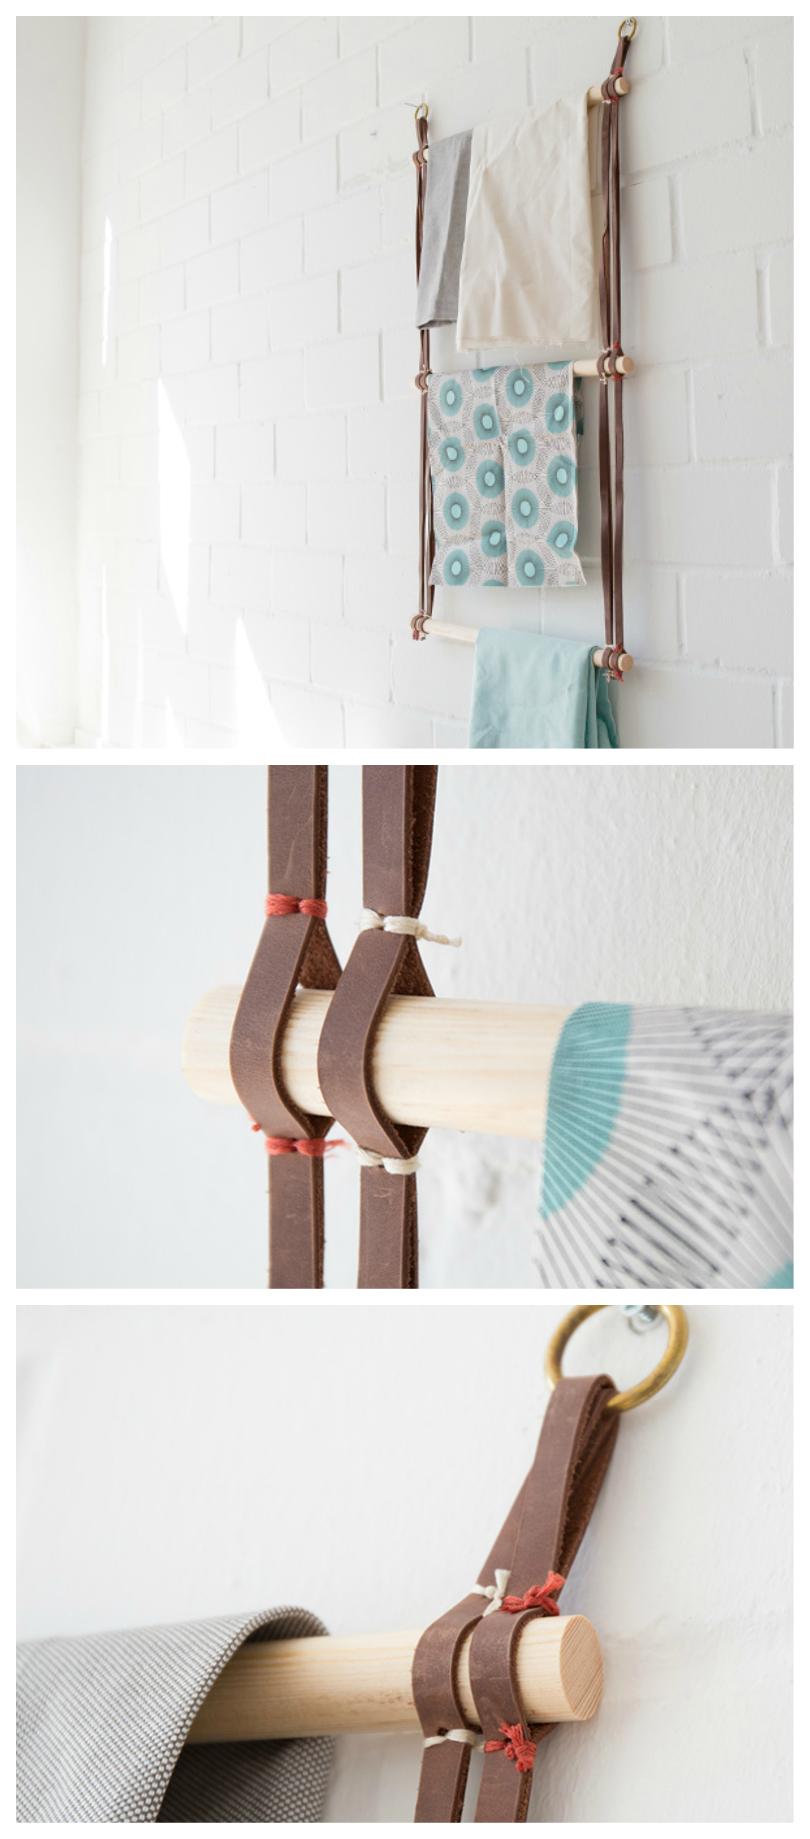 handtuchhalter f rs badezimmer selberbauen leiter f r handt cher bauen aus leder und holz. Black Bedroom Furniture Sets. Home Design Ideas